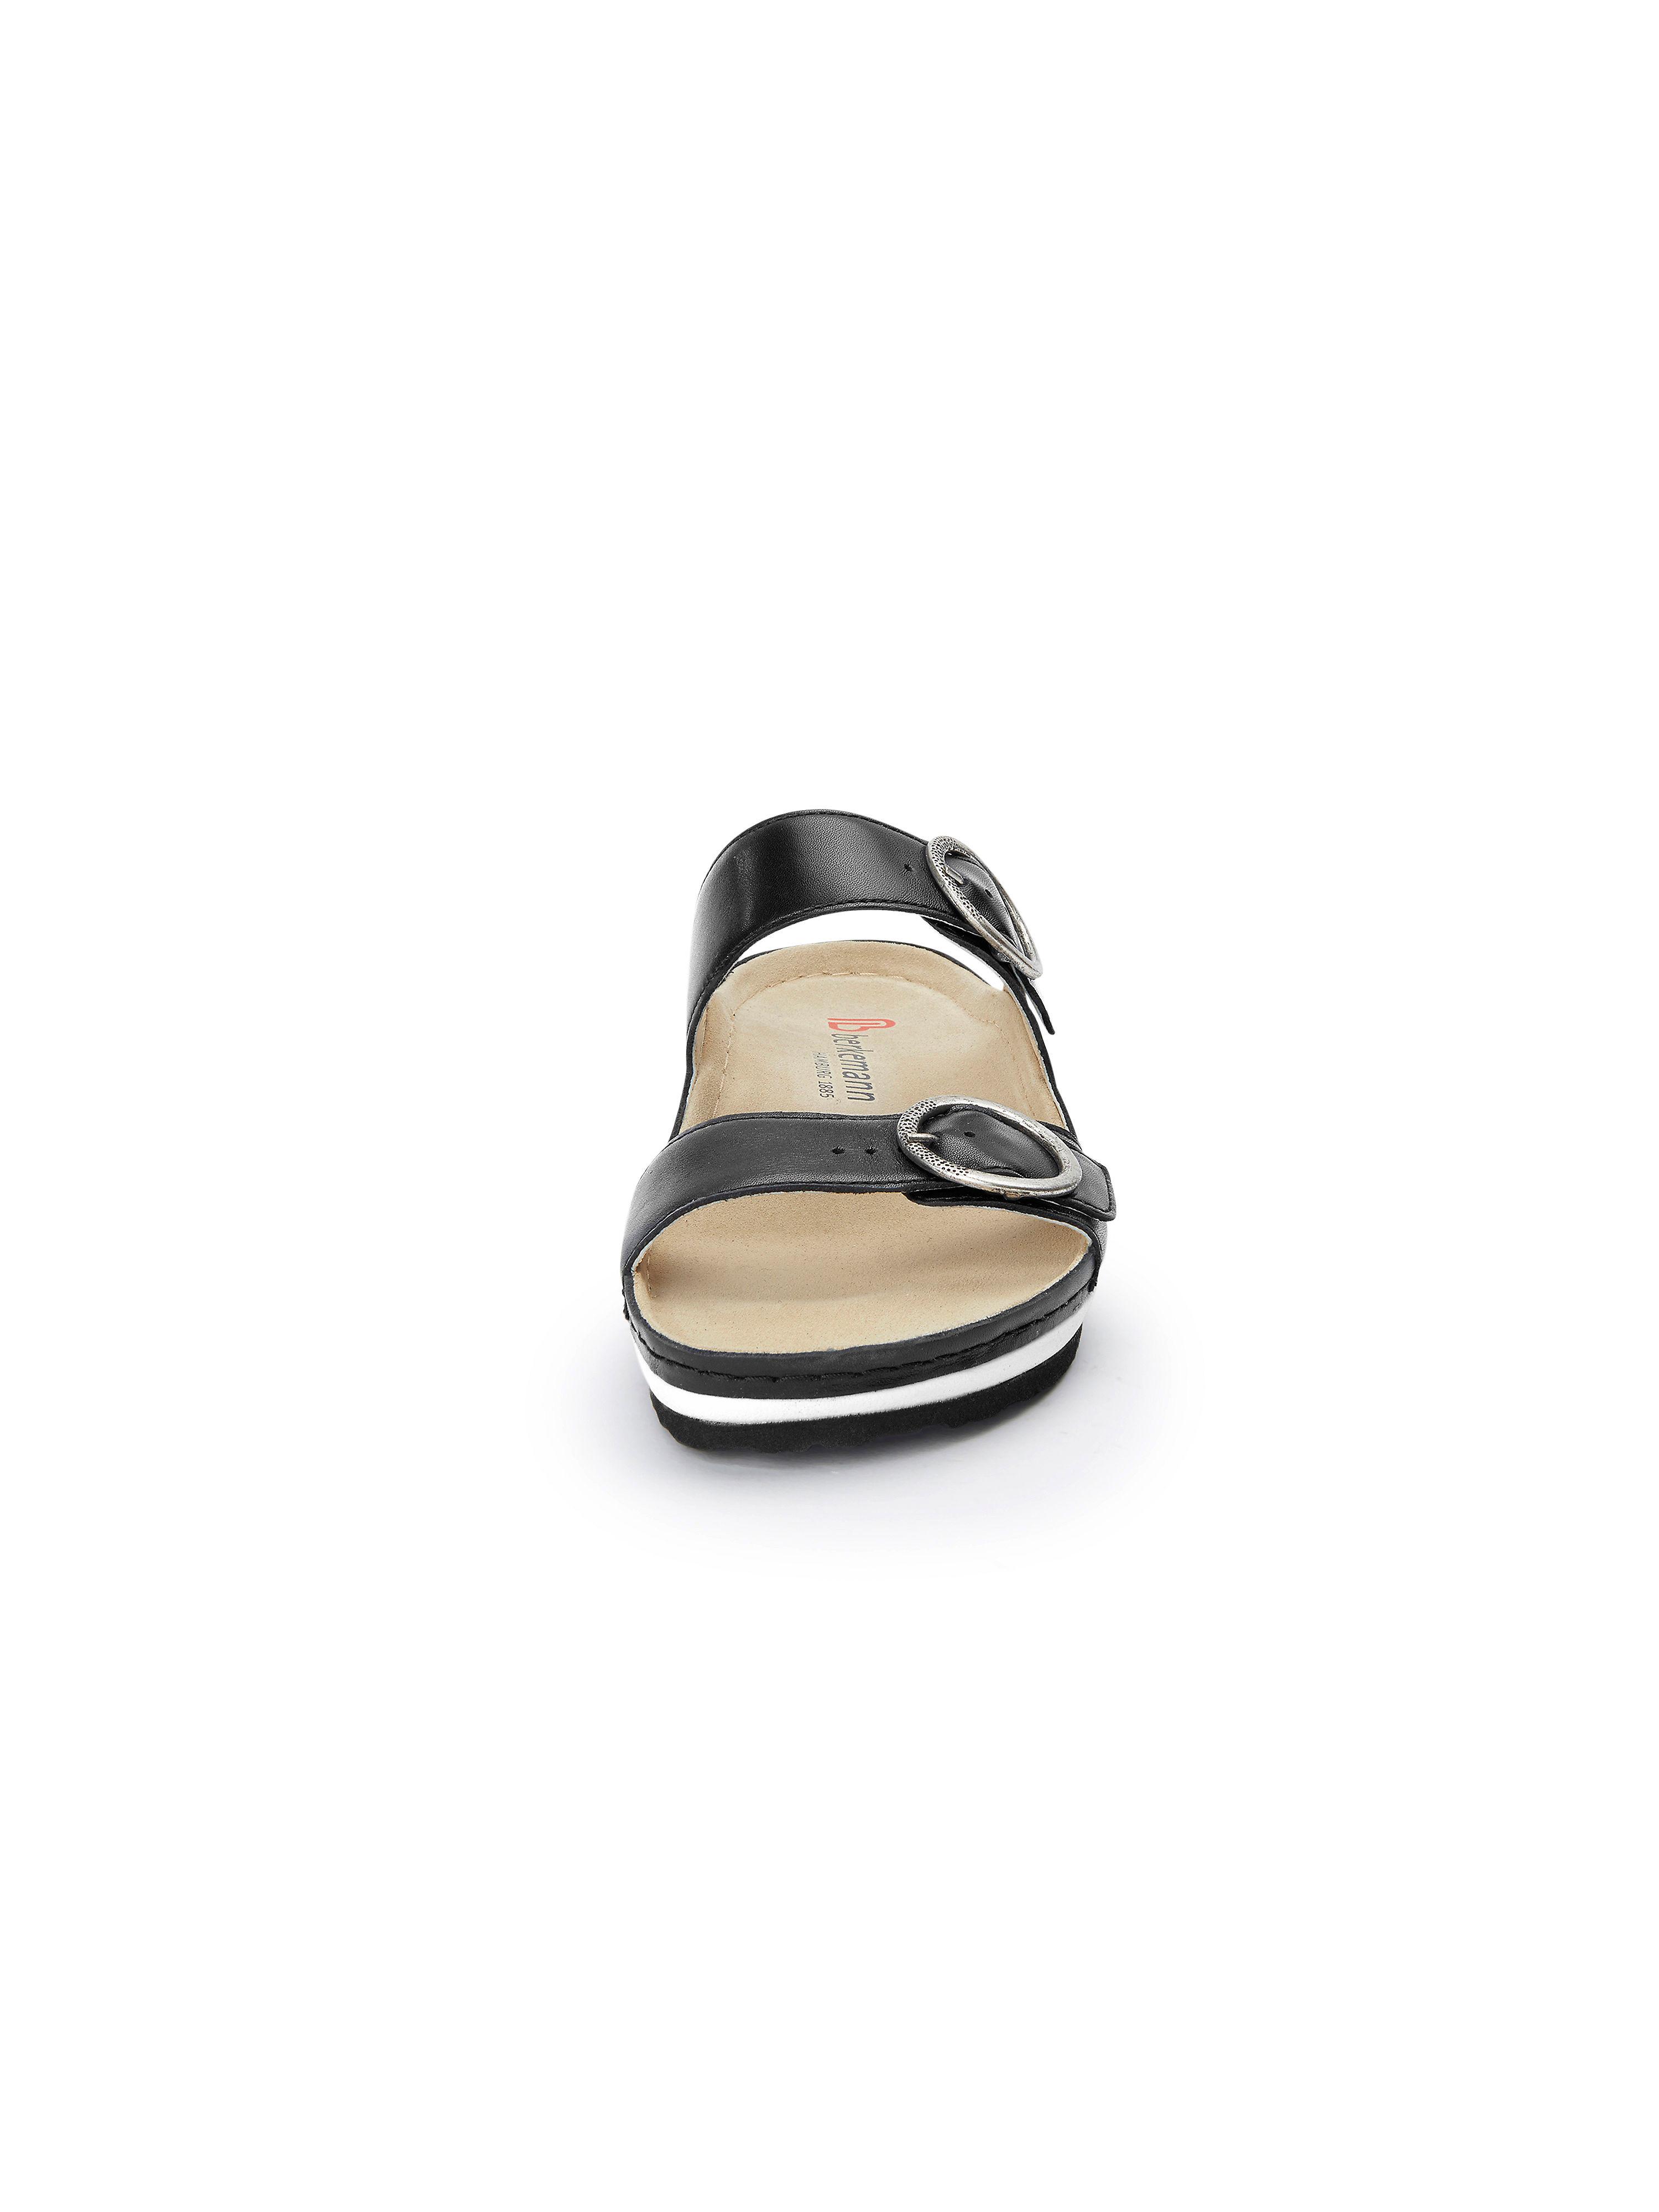 Berkemann Original - Pantolette aus Gute 100% Leder - Schwarz Gute aus Qualität beliebte Schuhe 47ad56